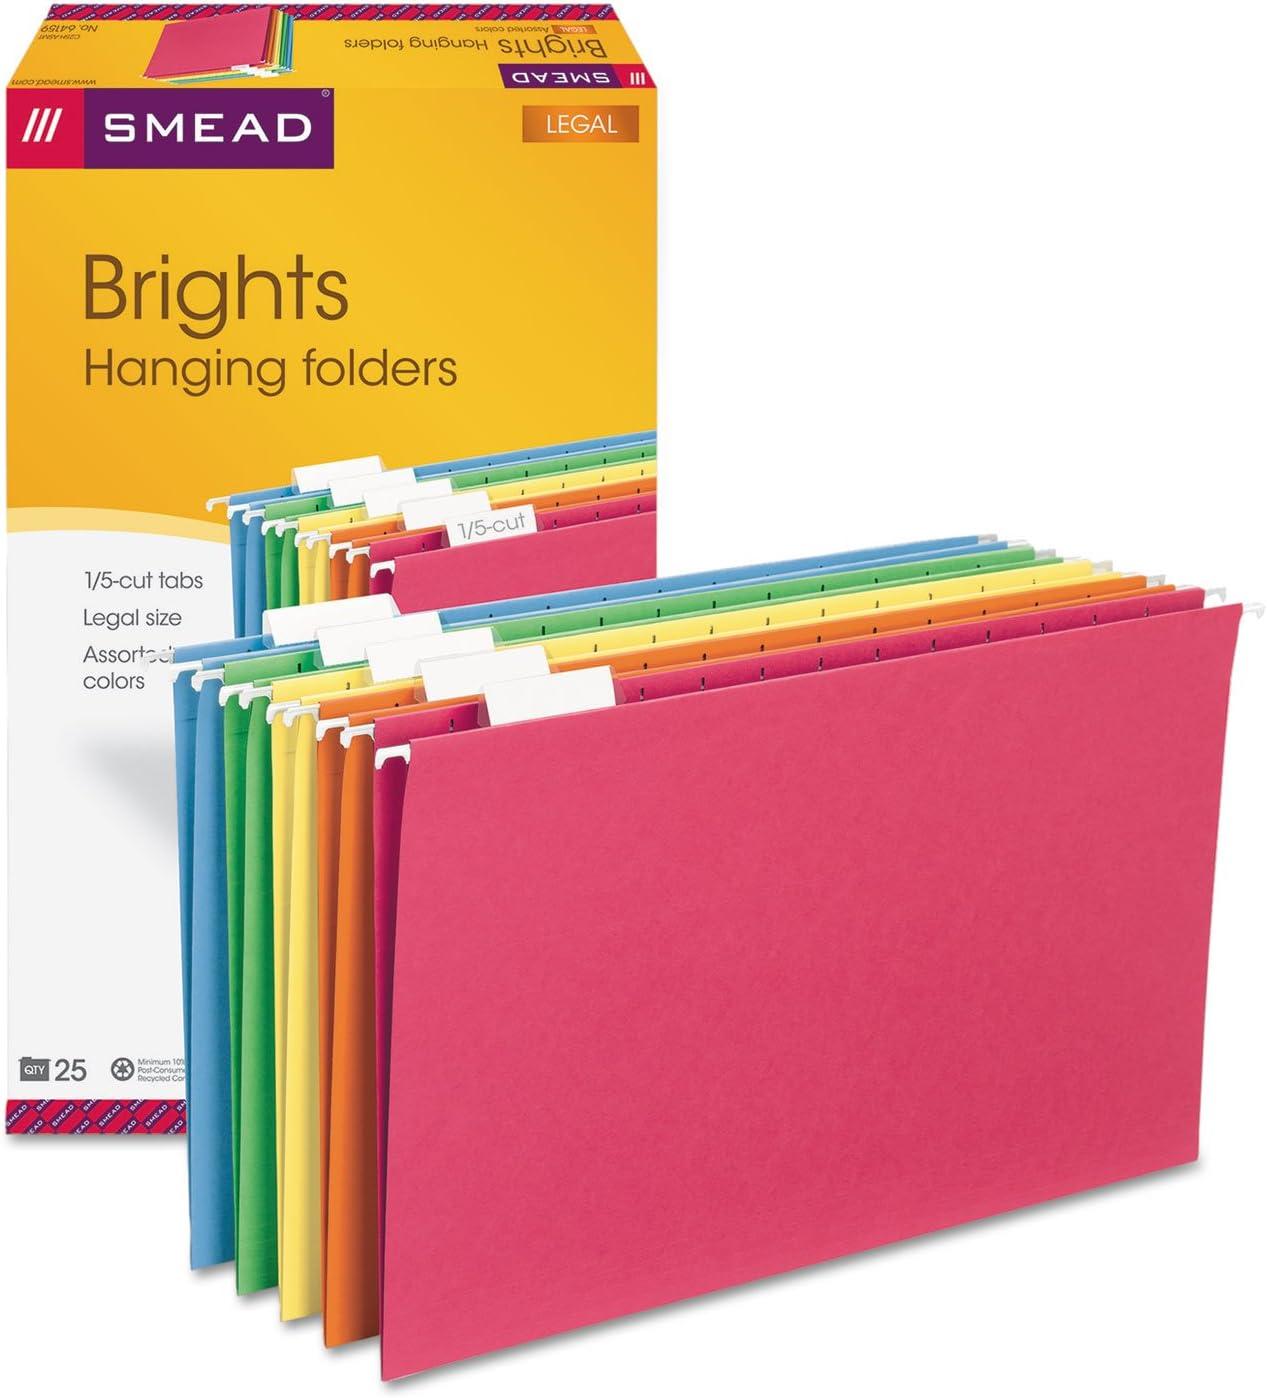 Smead Hangingファイルフォルダ、1 / 5タブ、11点ストック、法的、アソートカラー、25 /ボックス